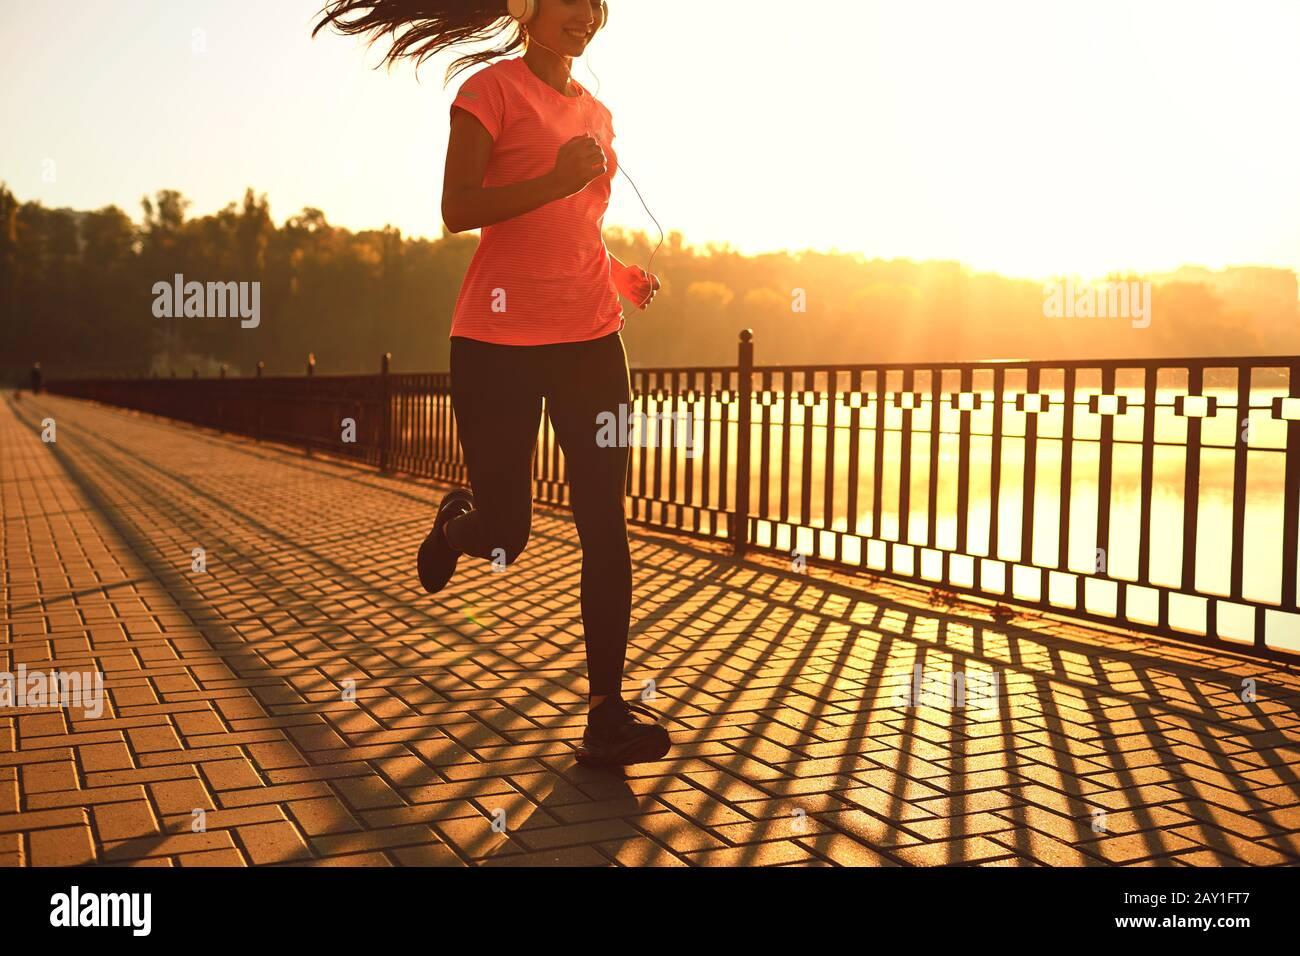 Runner corre en la carretera en el sol al atardecer en un parque de otoño. Foto de stock